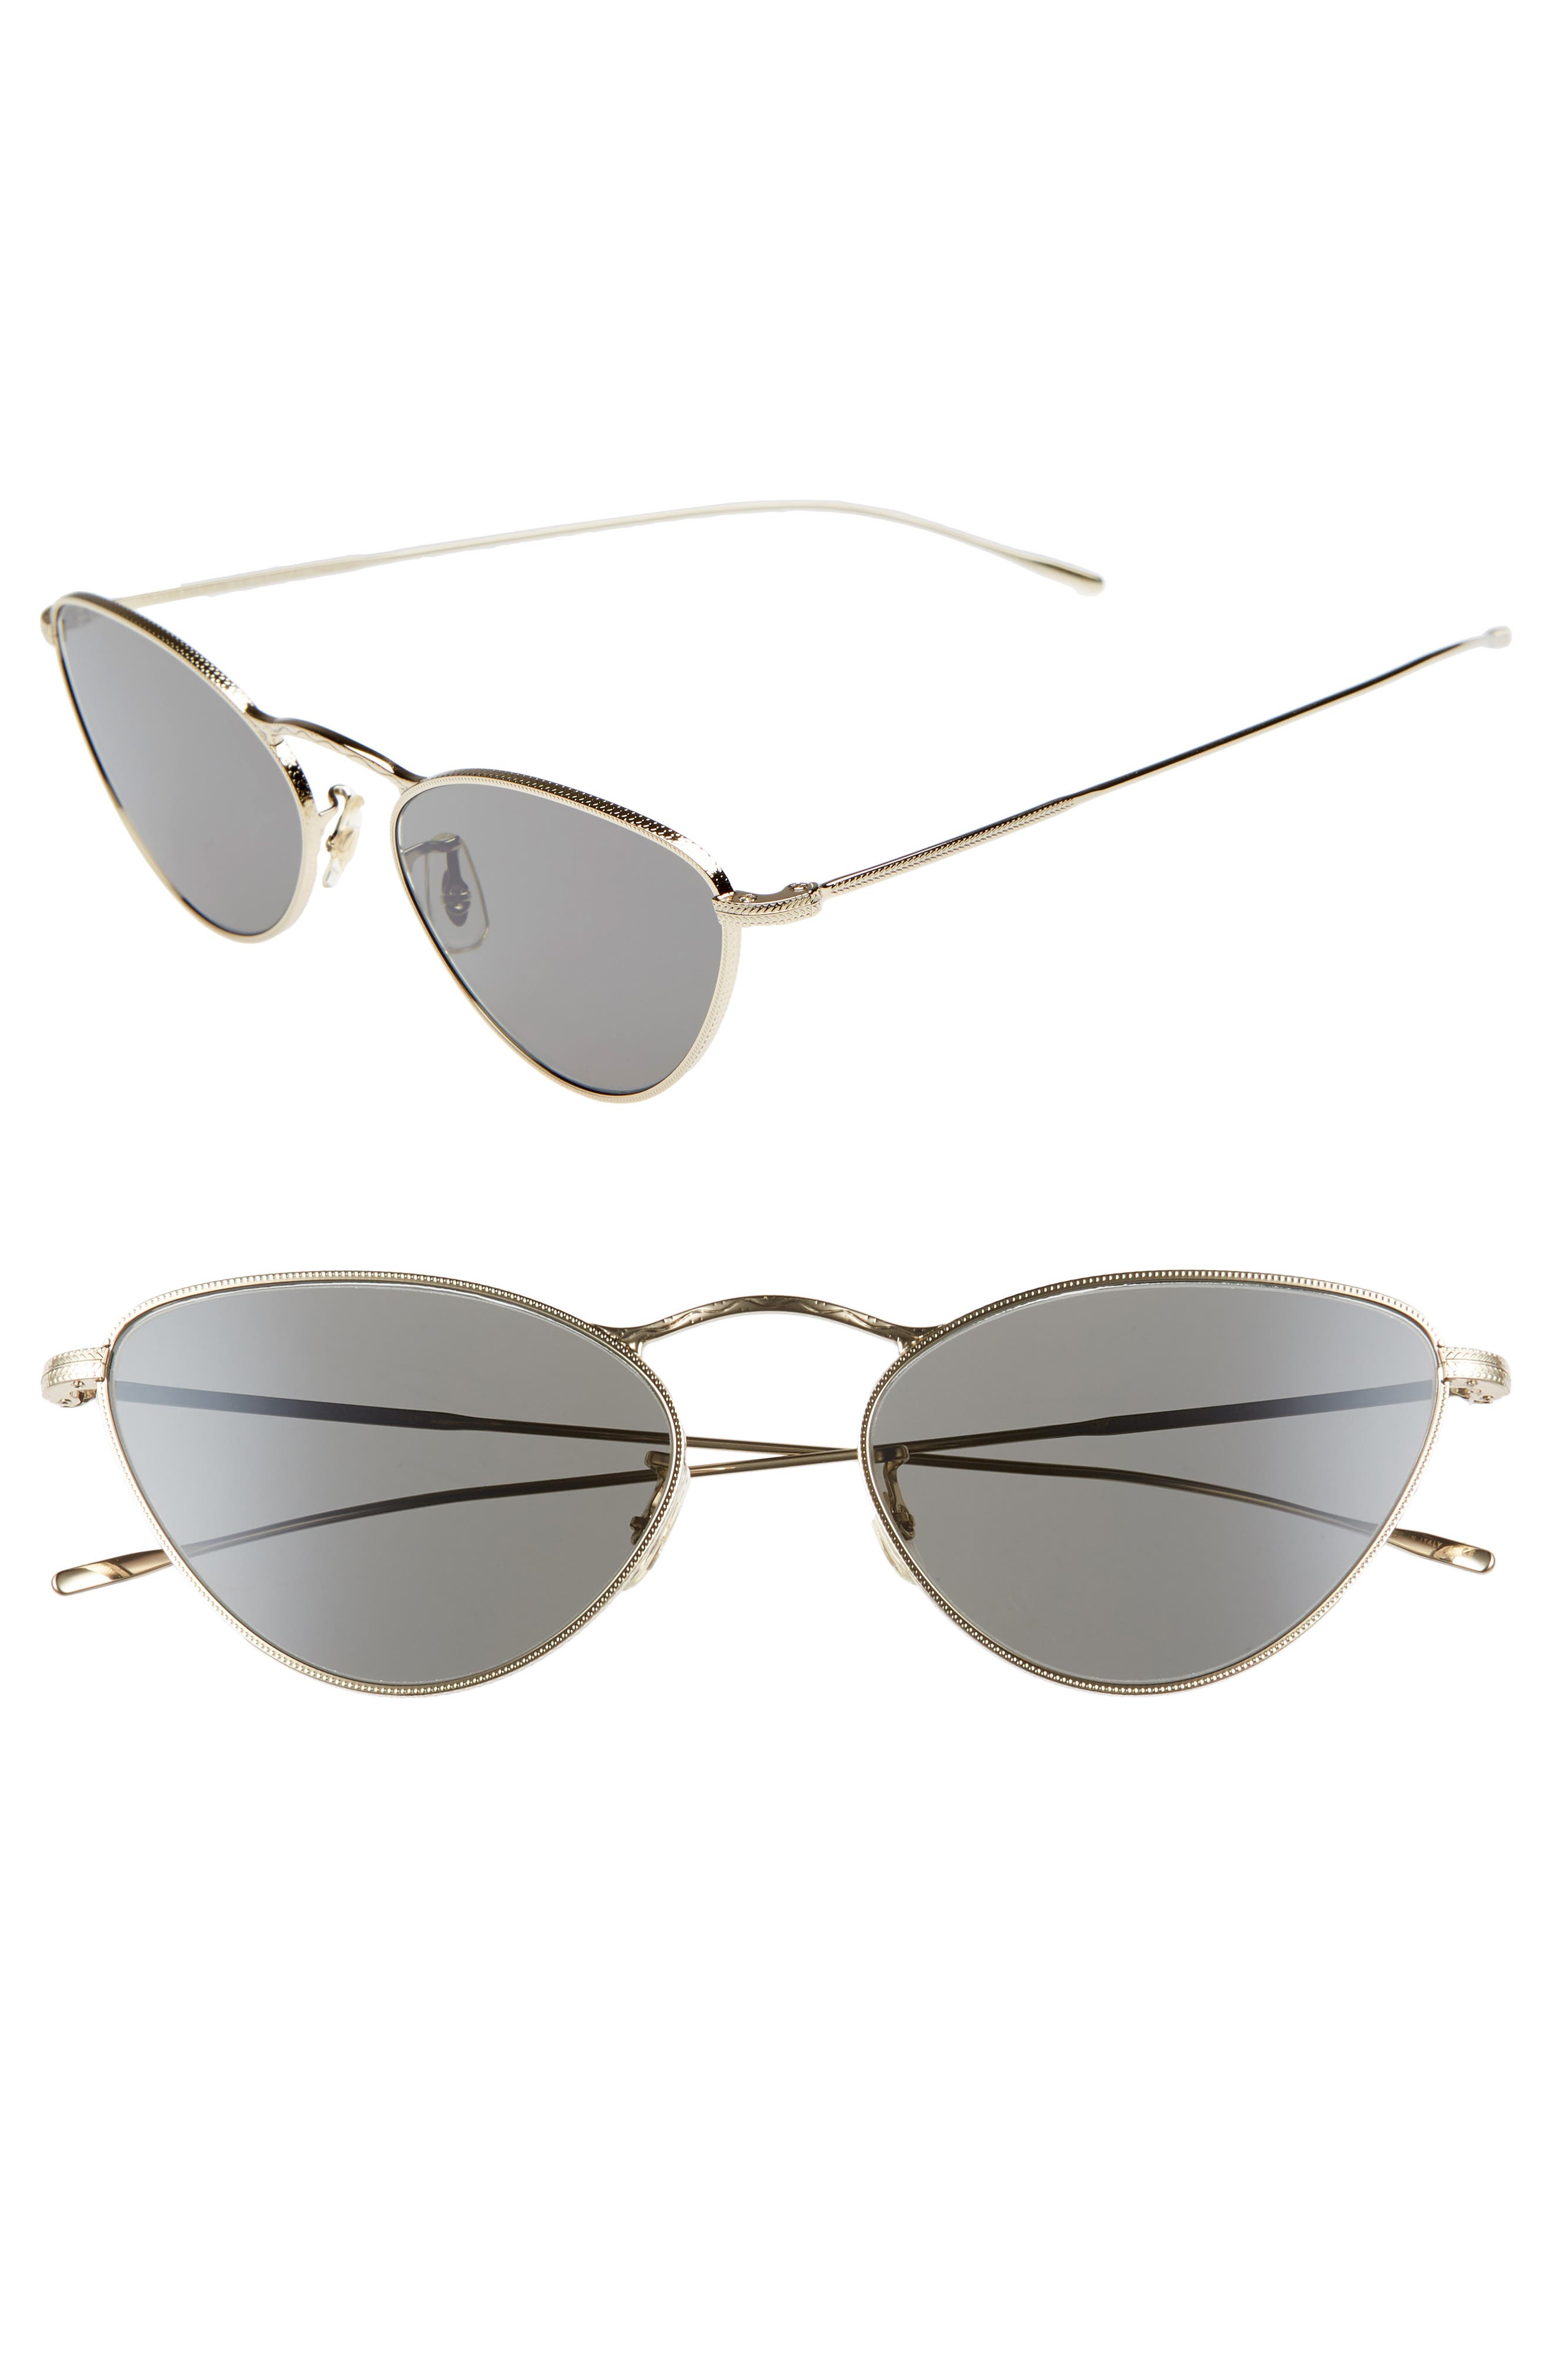 Oliver Peoples Lelaina 5m Cat Eye Sunglasses - Blue/ Gold